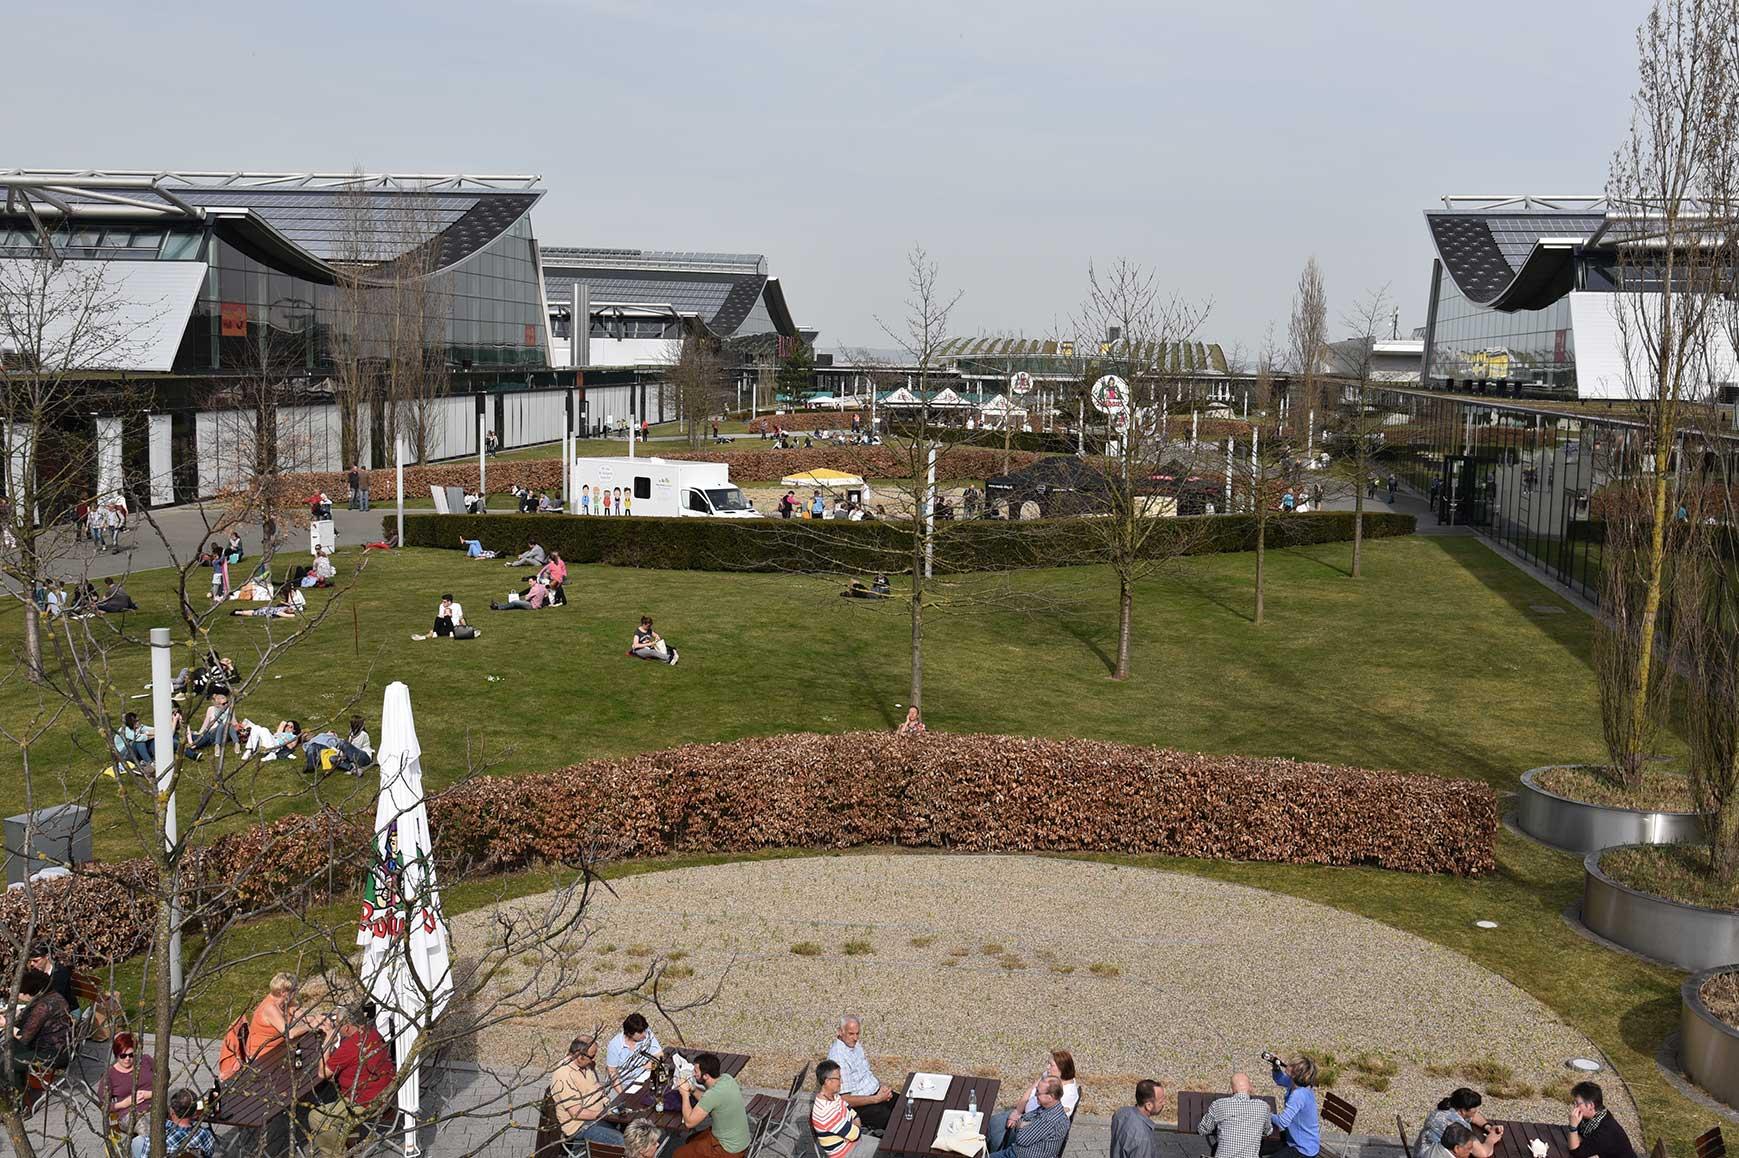 LANDESMESSE STUTTGART Auf der Grundlage unseres Raum- und Funktionsprogrammes wurde die neue Landesmesse zu einem der erfolgreichsten Messeplätze und ist bereits nach unserem Konzept erweitert worden<br /><br /><a href='https://www.mader-architekten.de/projekte/6/oeffentliche-bauten/neue-landesmesse/'>Programming Messe Stuttgart</a>